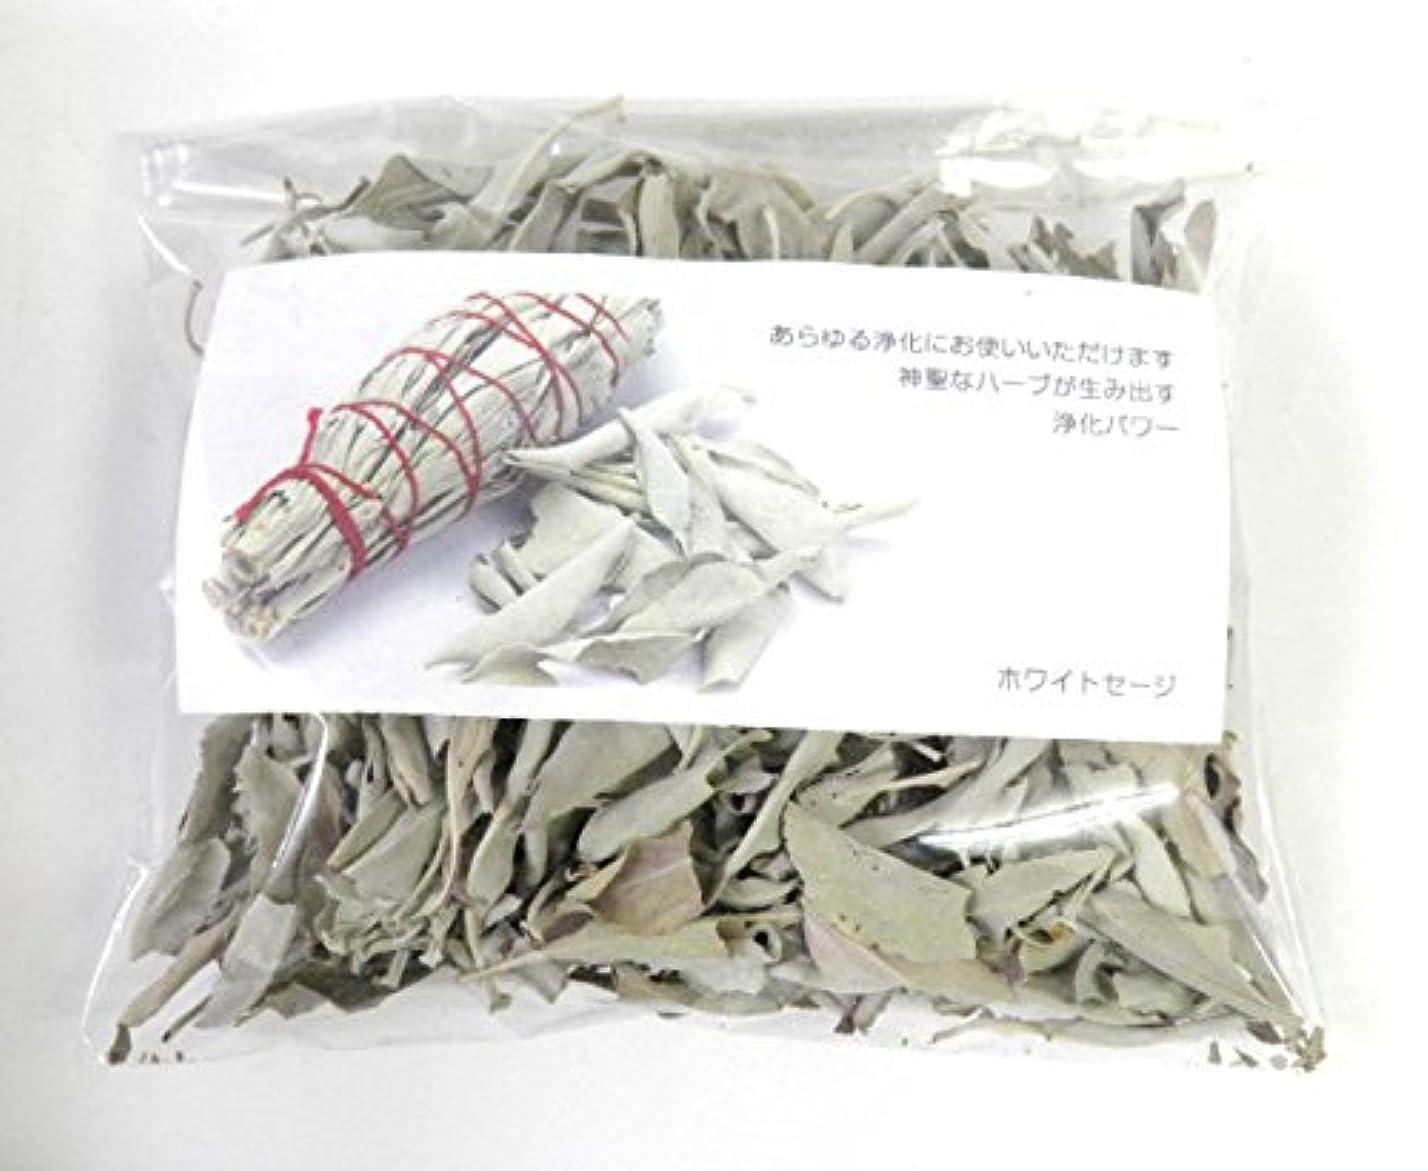 欲求不満伝記転送ホワイトセージ リーフのみ 約100g 浄化用 オーガニック 無農薬 お香 プロ用 パワーストーン